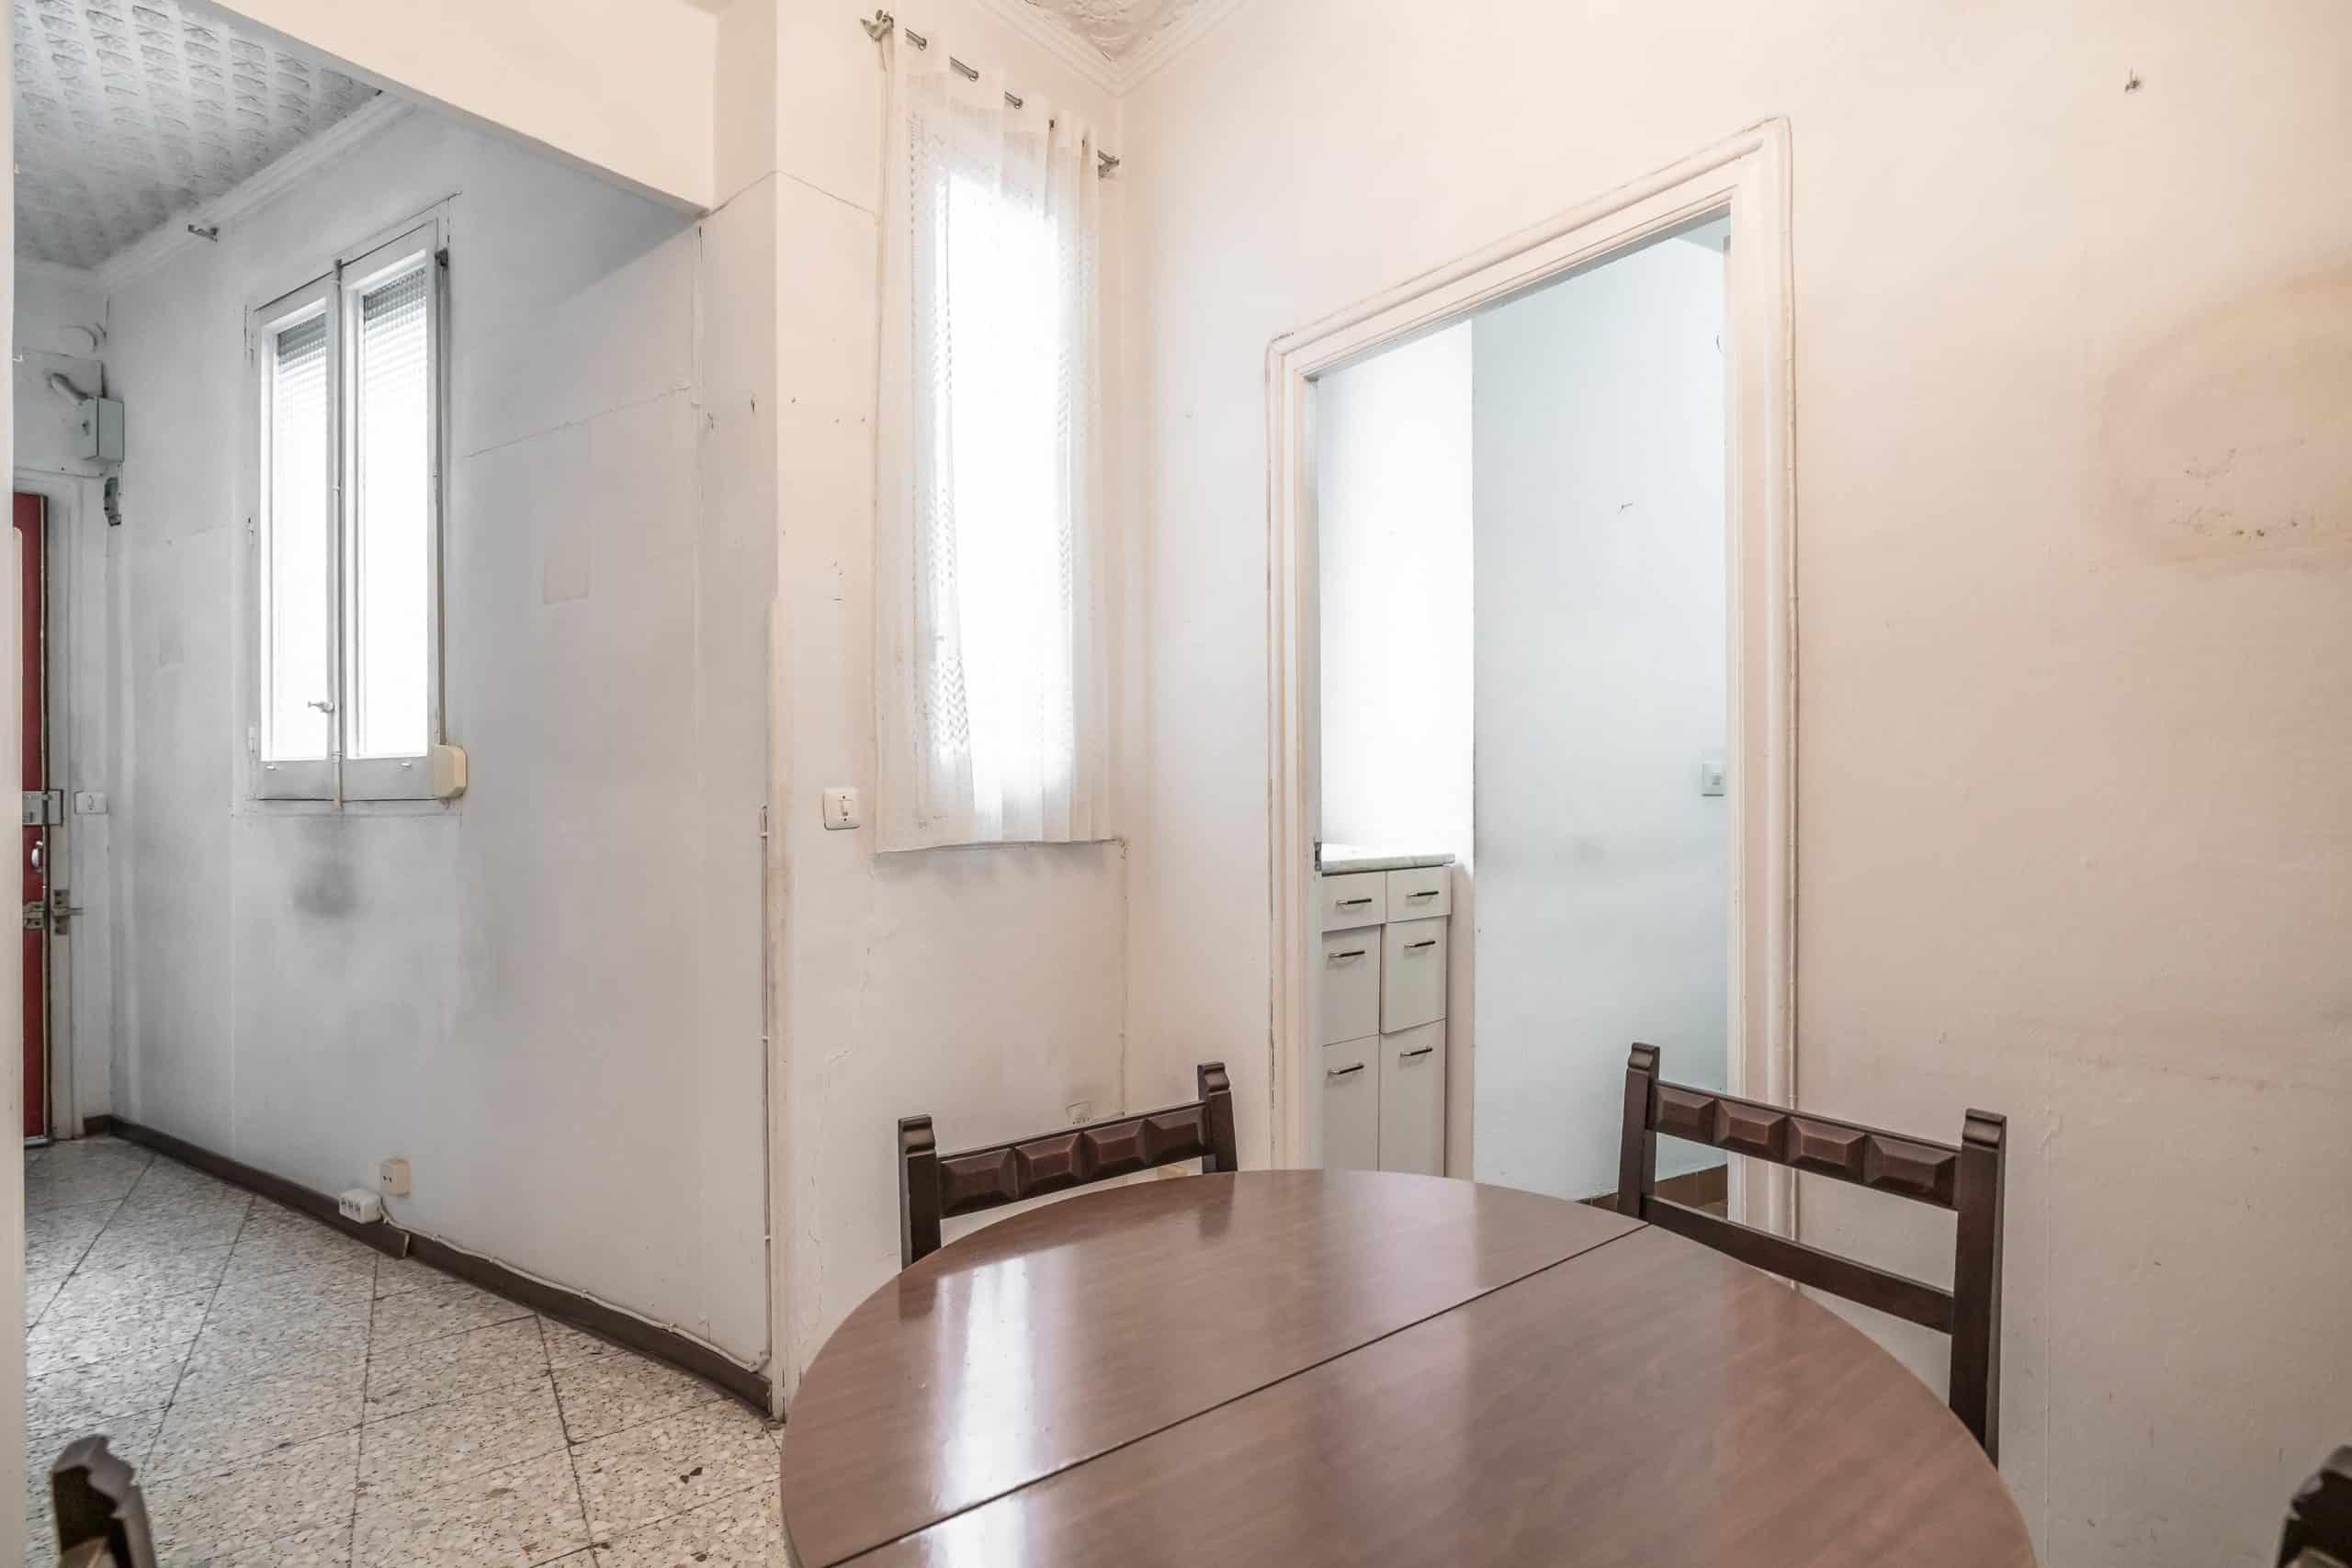 Agencia Inmobiliaria de Madrid-FUTUROCASA-Zona ARGANZUELA-EMBAJADORES-LEGAZPI -plaza General Vara del Rey- salon (7)